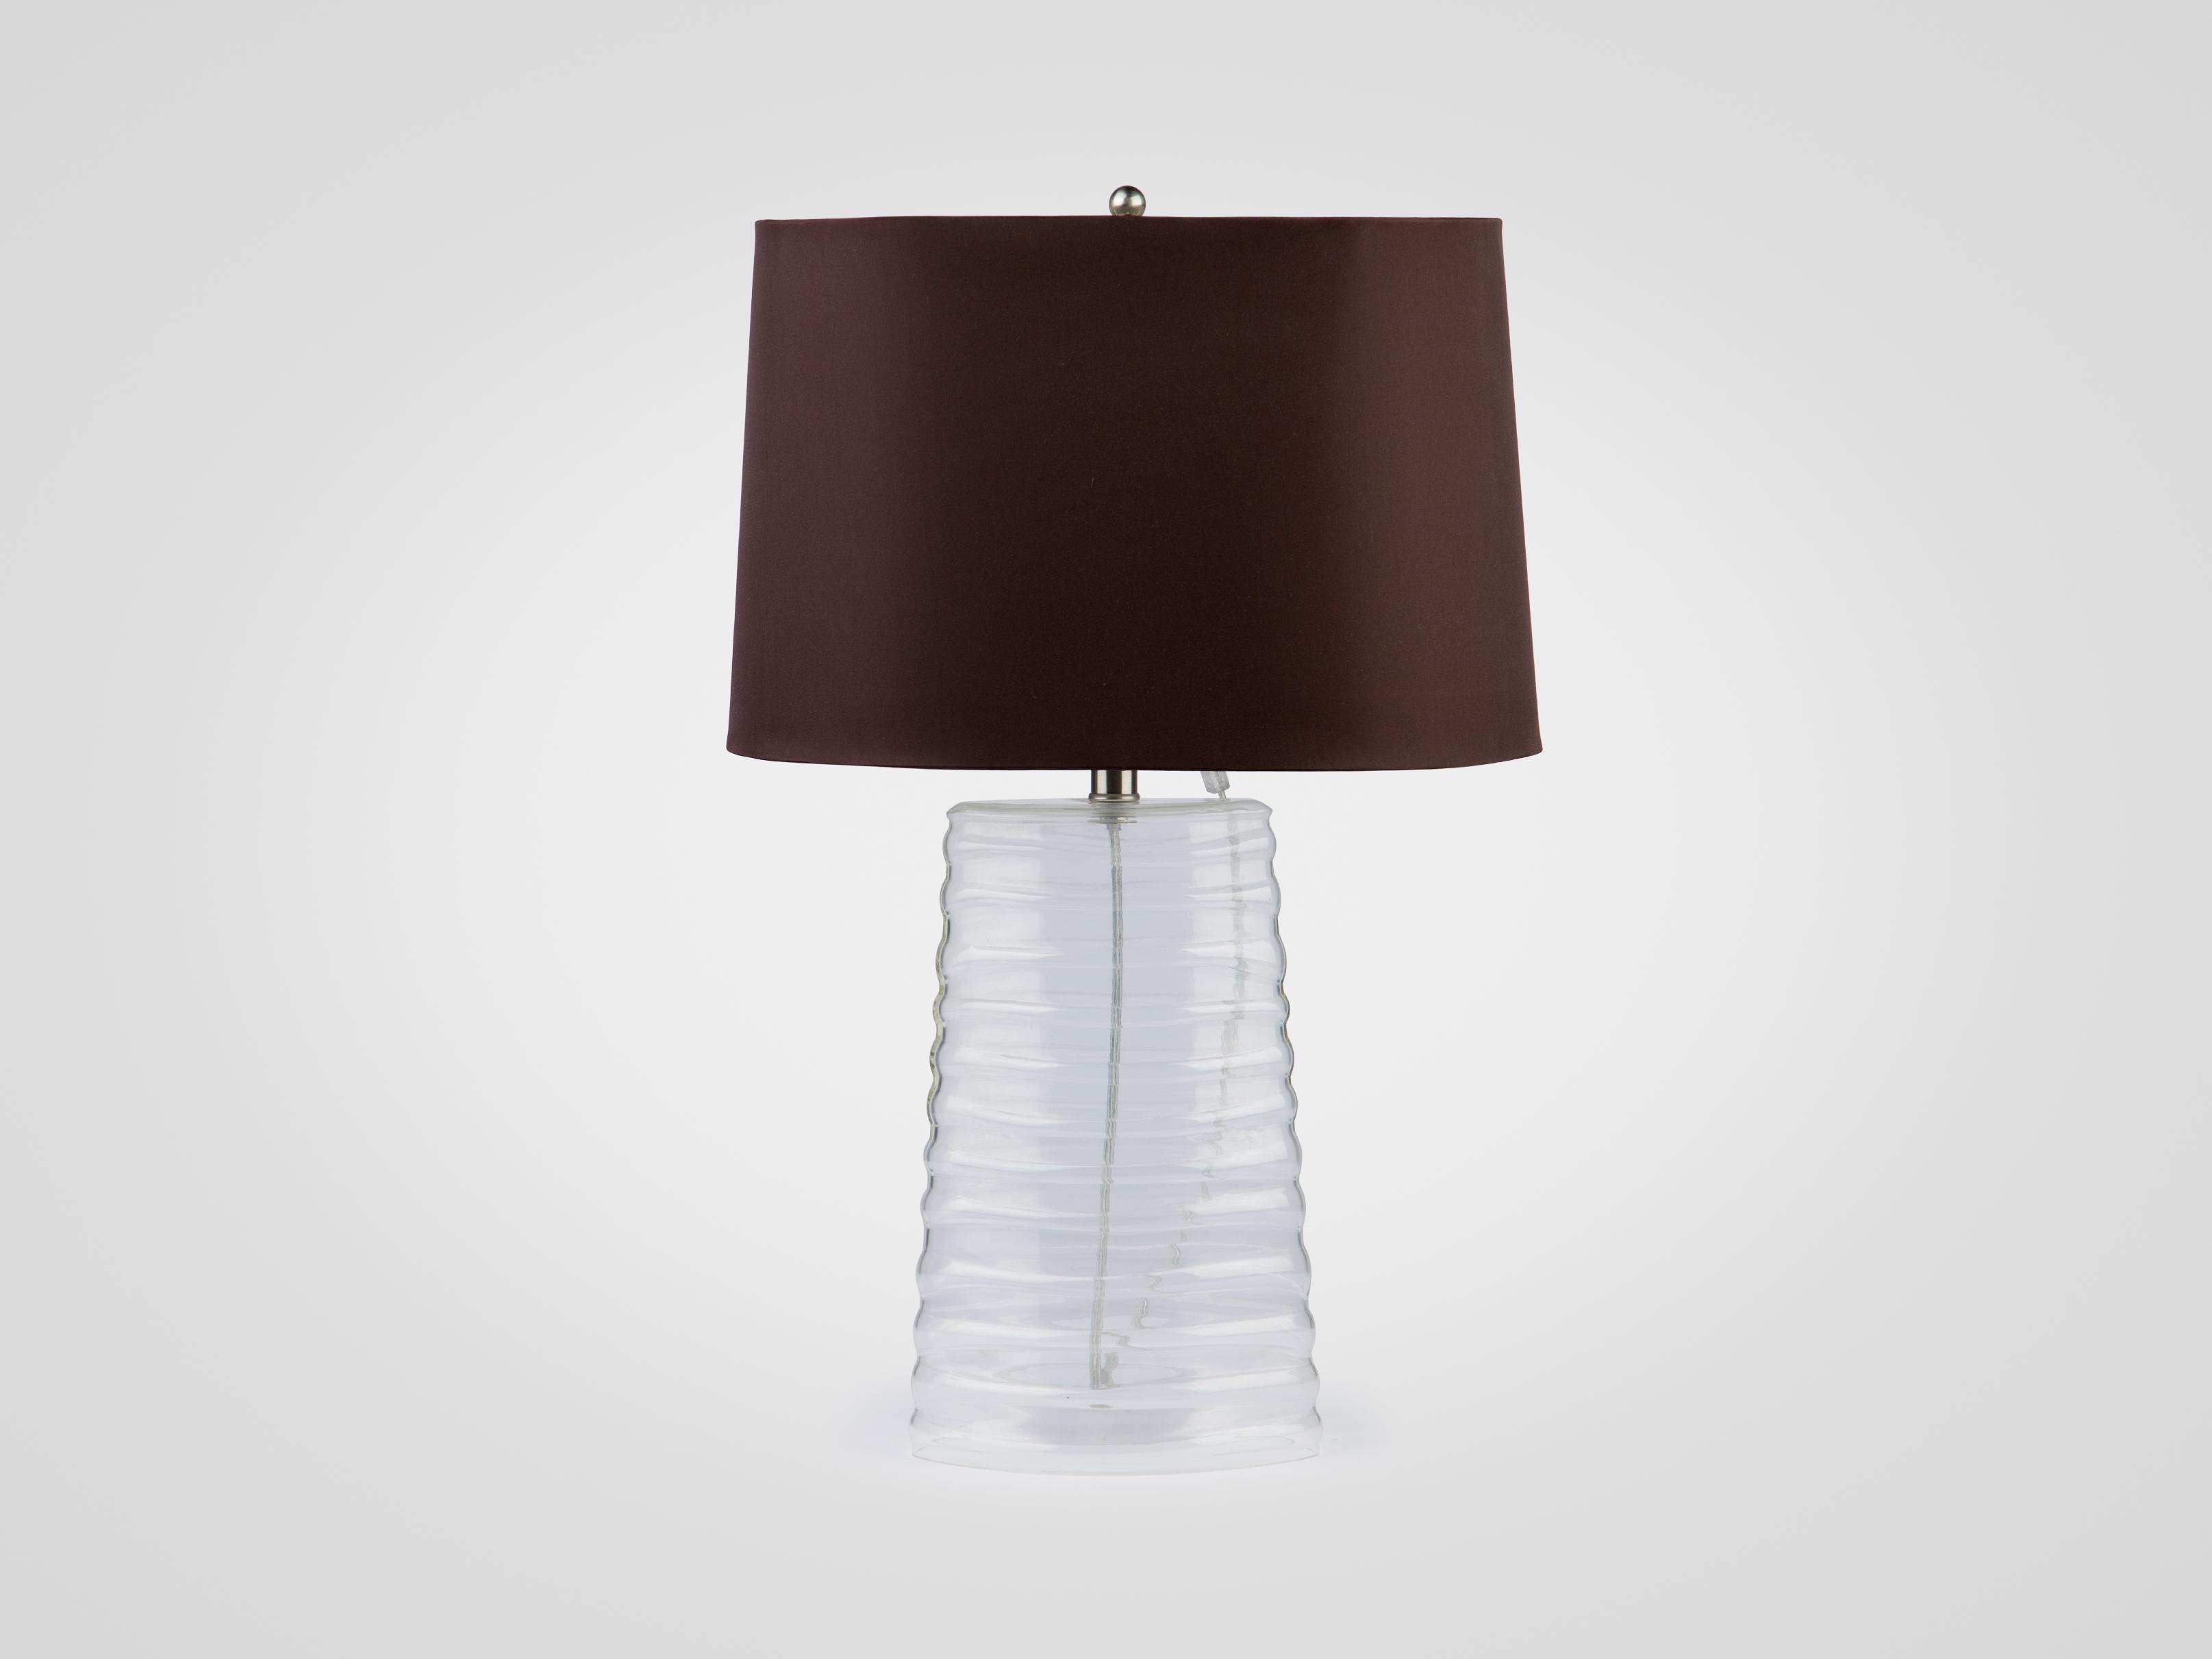 Лампа настольная на ножке из прозрачного стекла с абажуром из сатина, inmyroom, Китай  - Купить